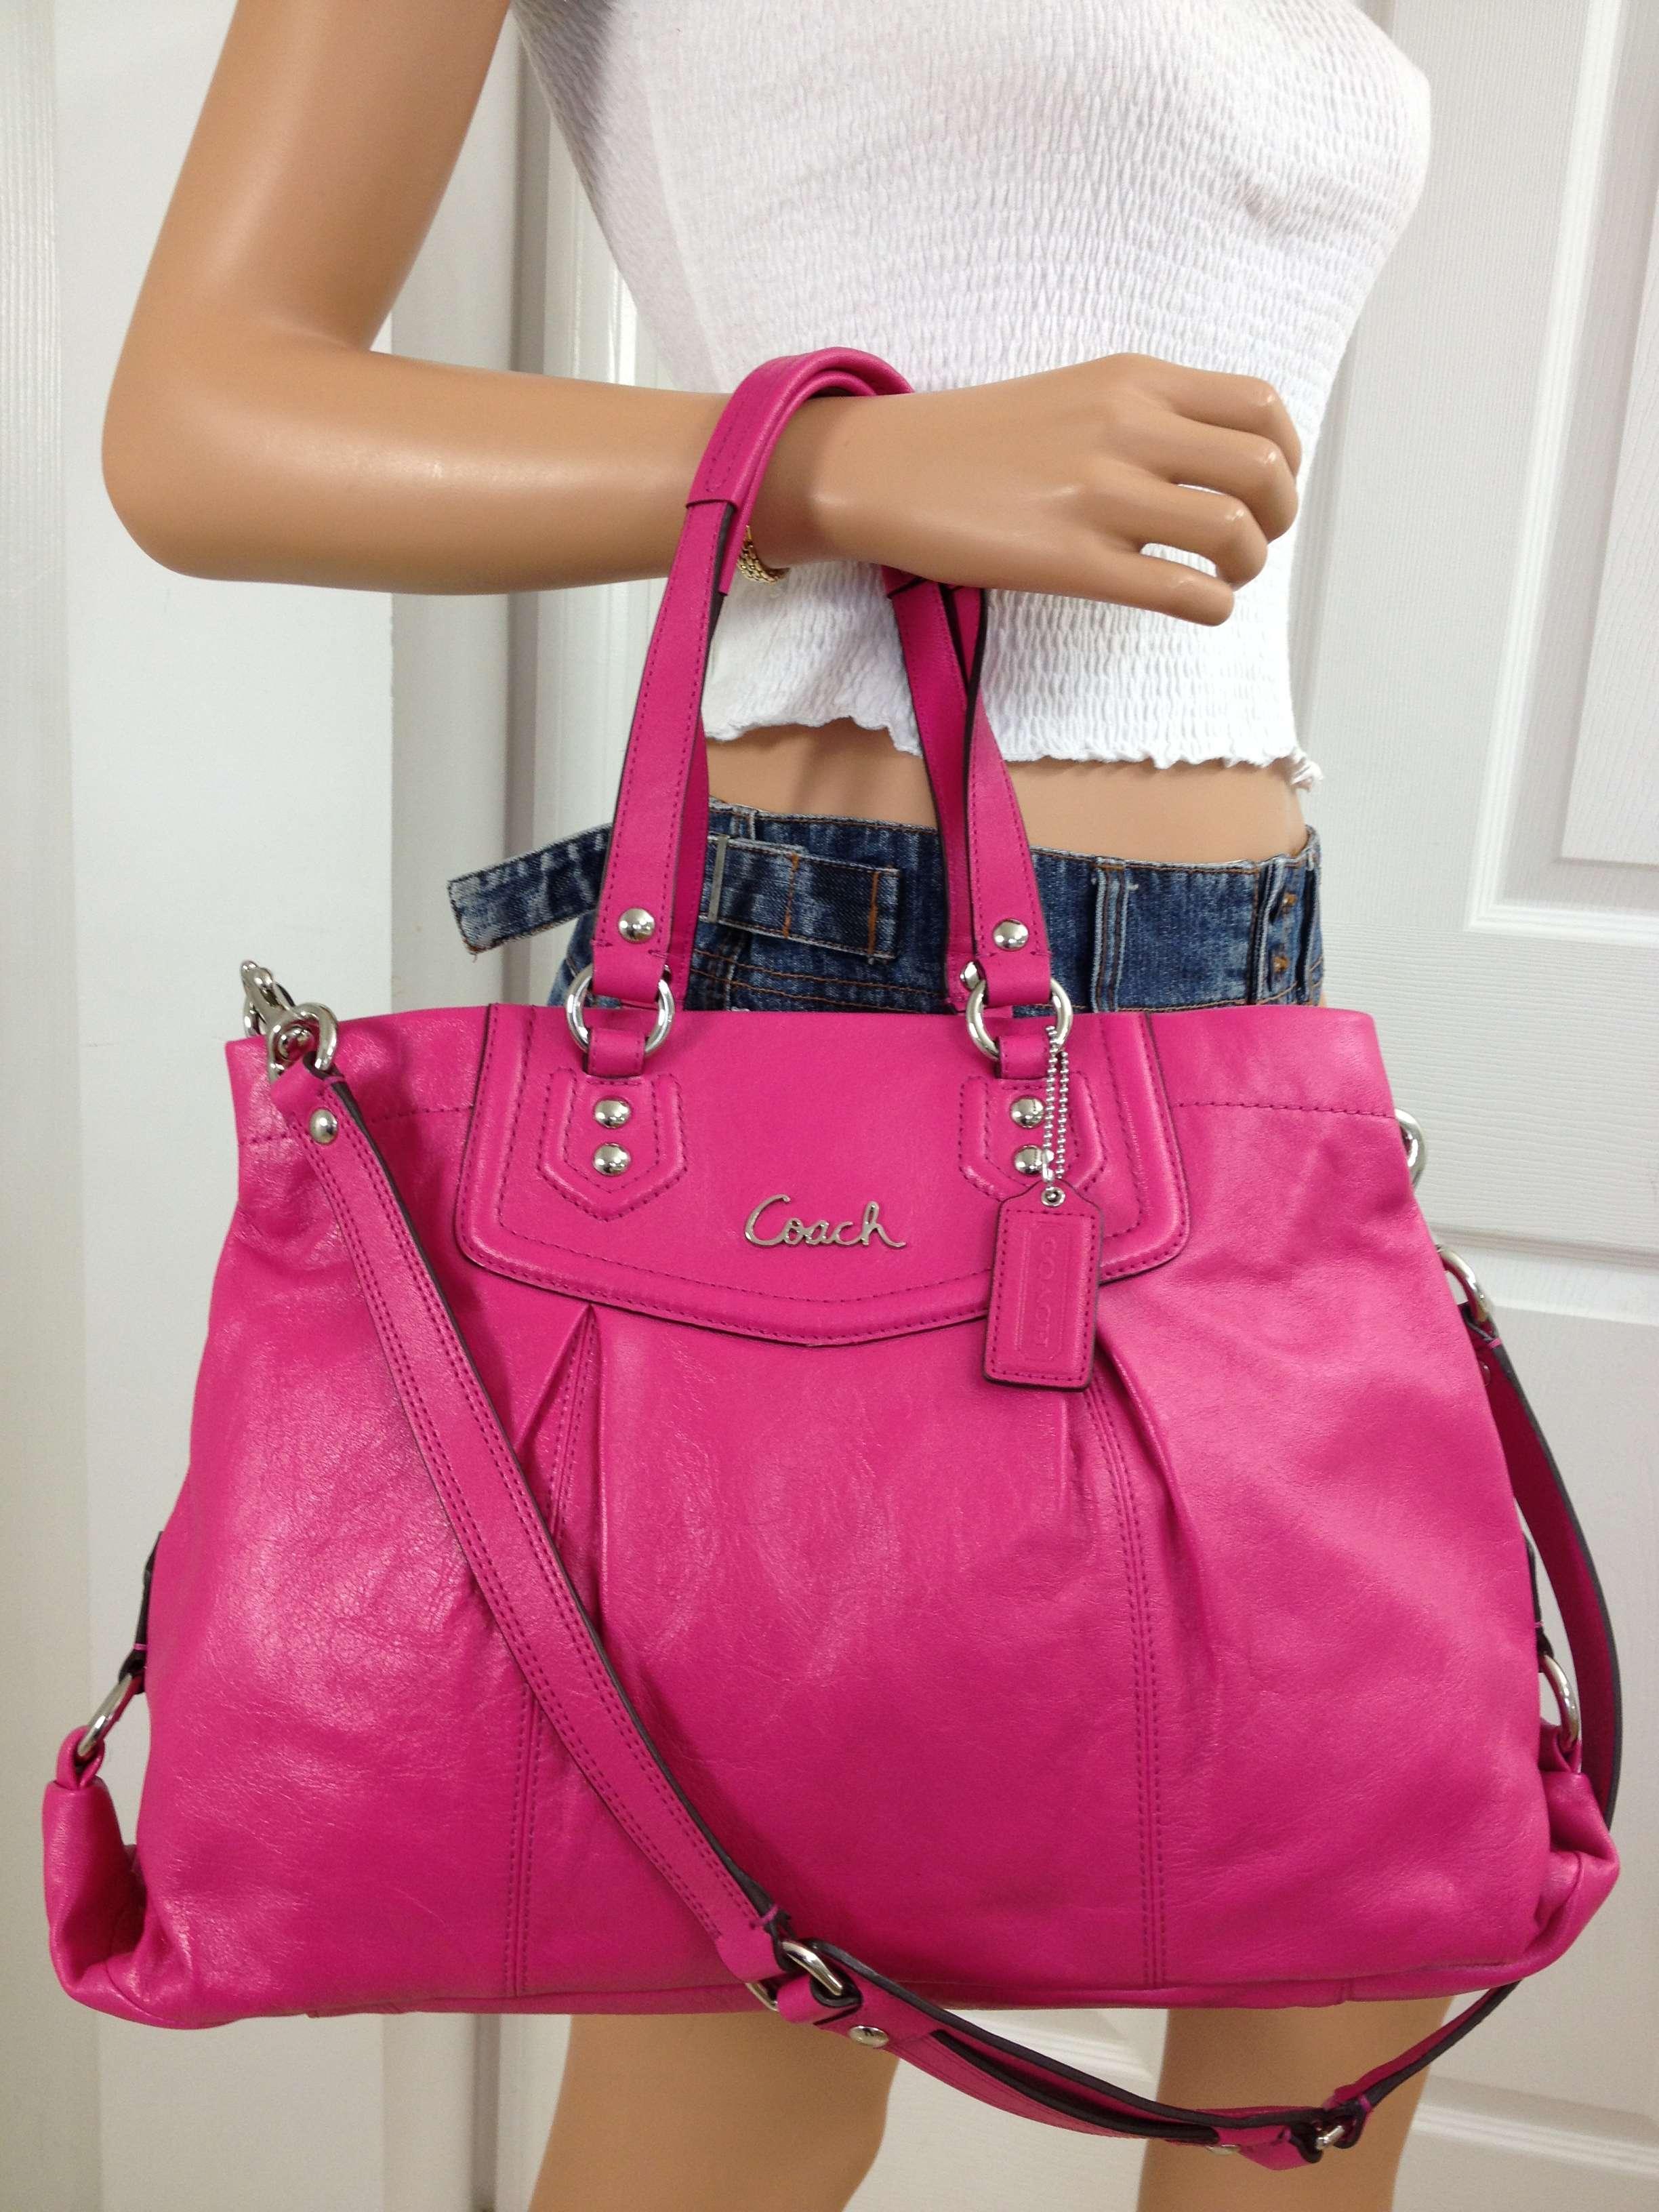 Authentic Pink Leather Coach Bag 1d6df 09c30